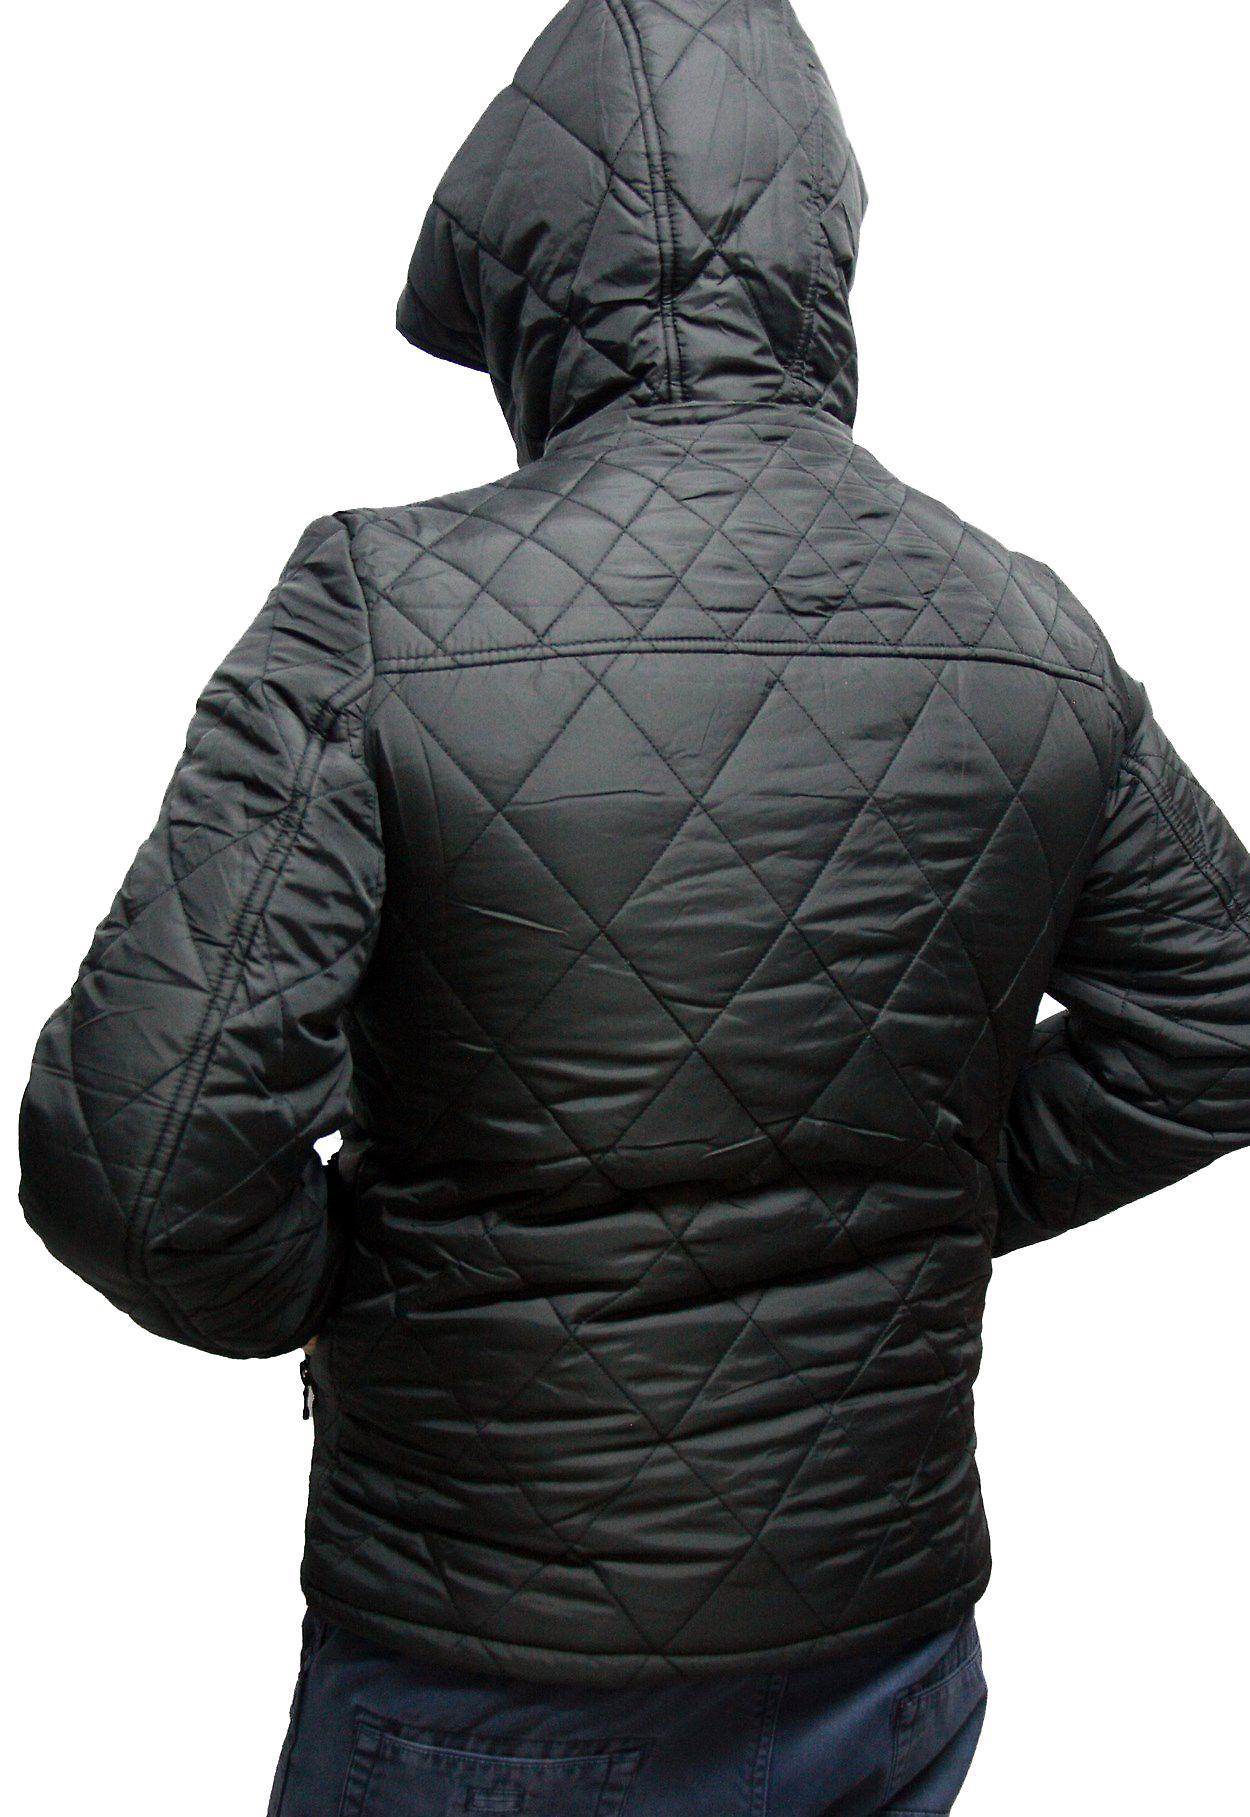 Waooh - D'Hiver Jacket Hooded Hook